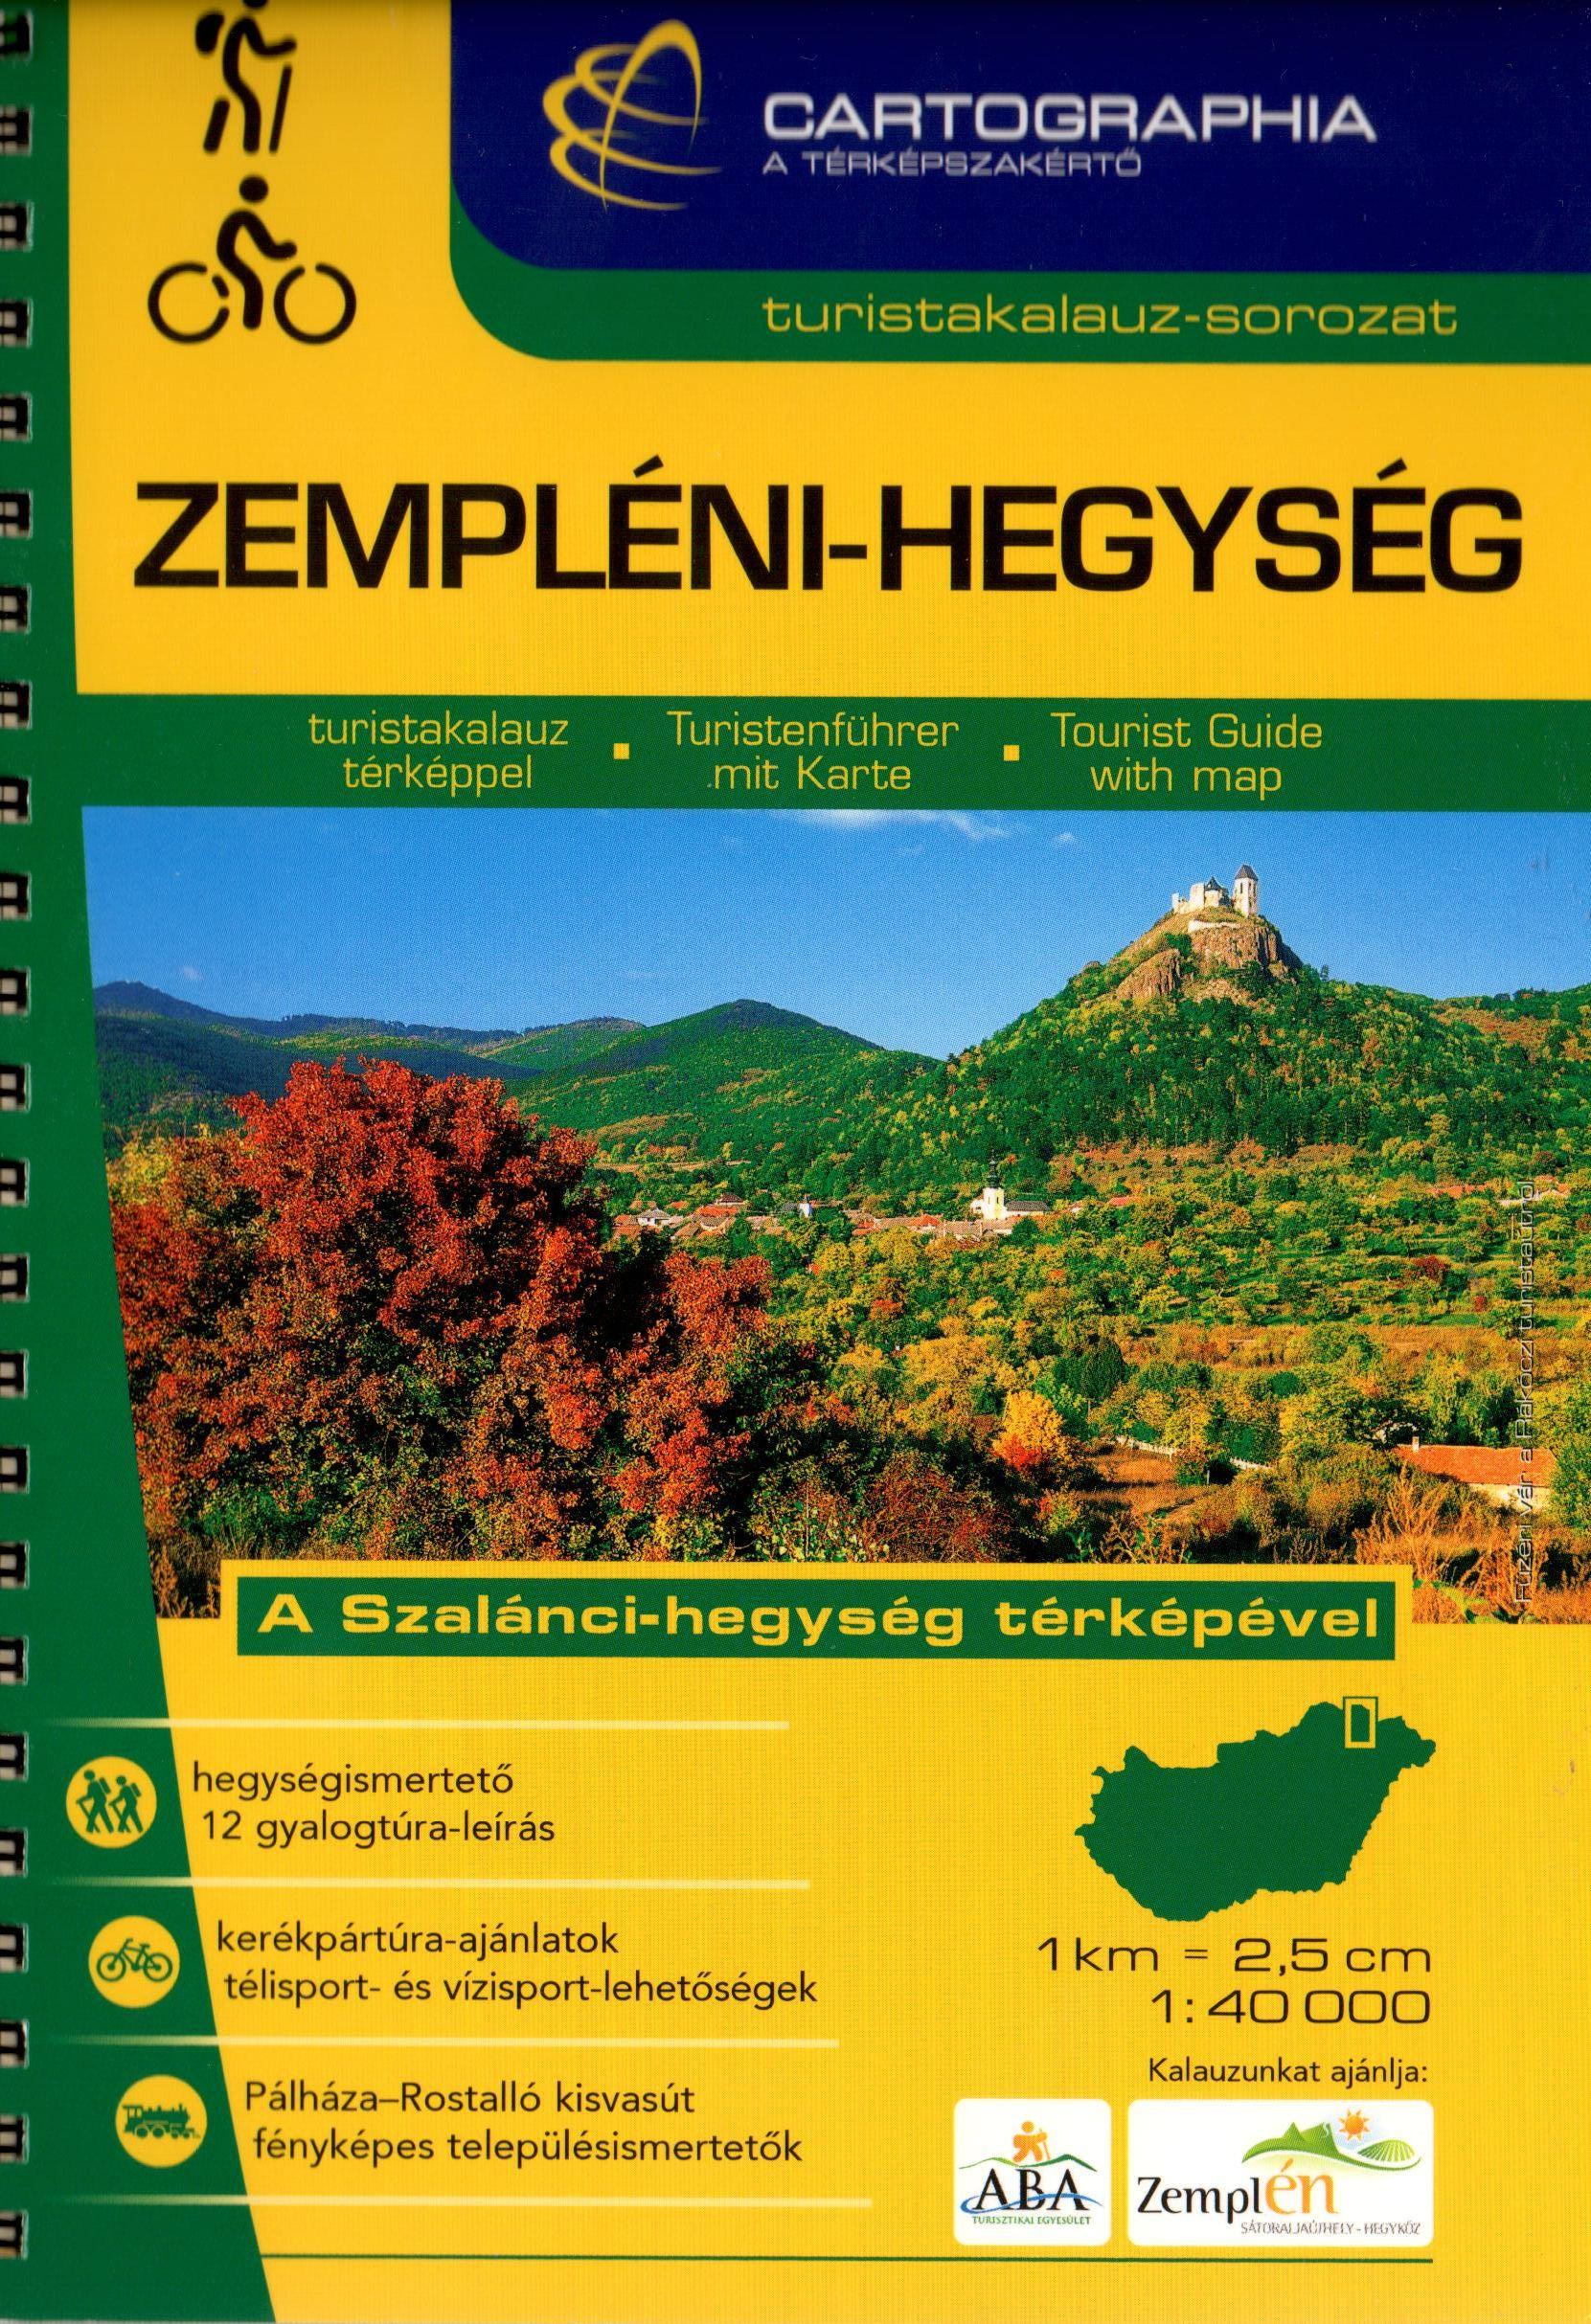 A turistatérképek mellett részletes túraleírásokat is tartalmazó útikönyv jellegű kiadvány. 11 gyalogostúra leírás és 4 kerékpártúra ajánlat. Sátoraljaújhely, Sárospatak, Tokaj és Szerencs térképével